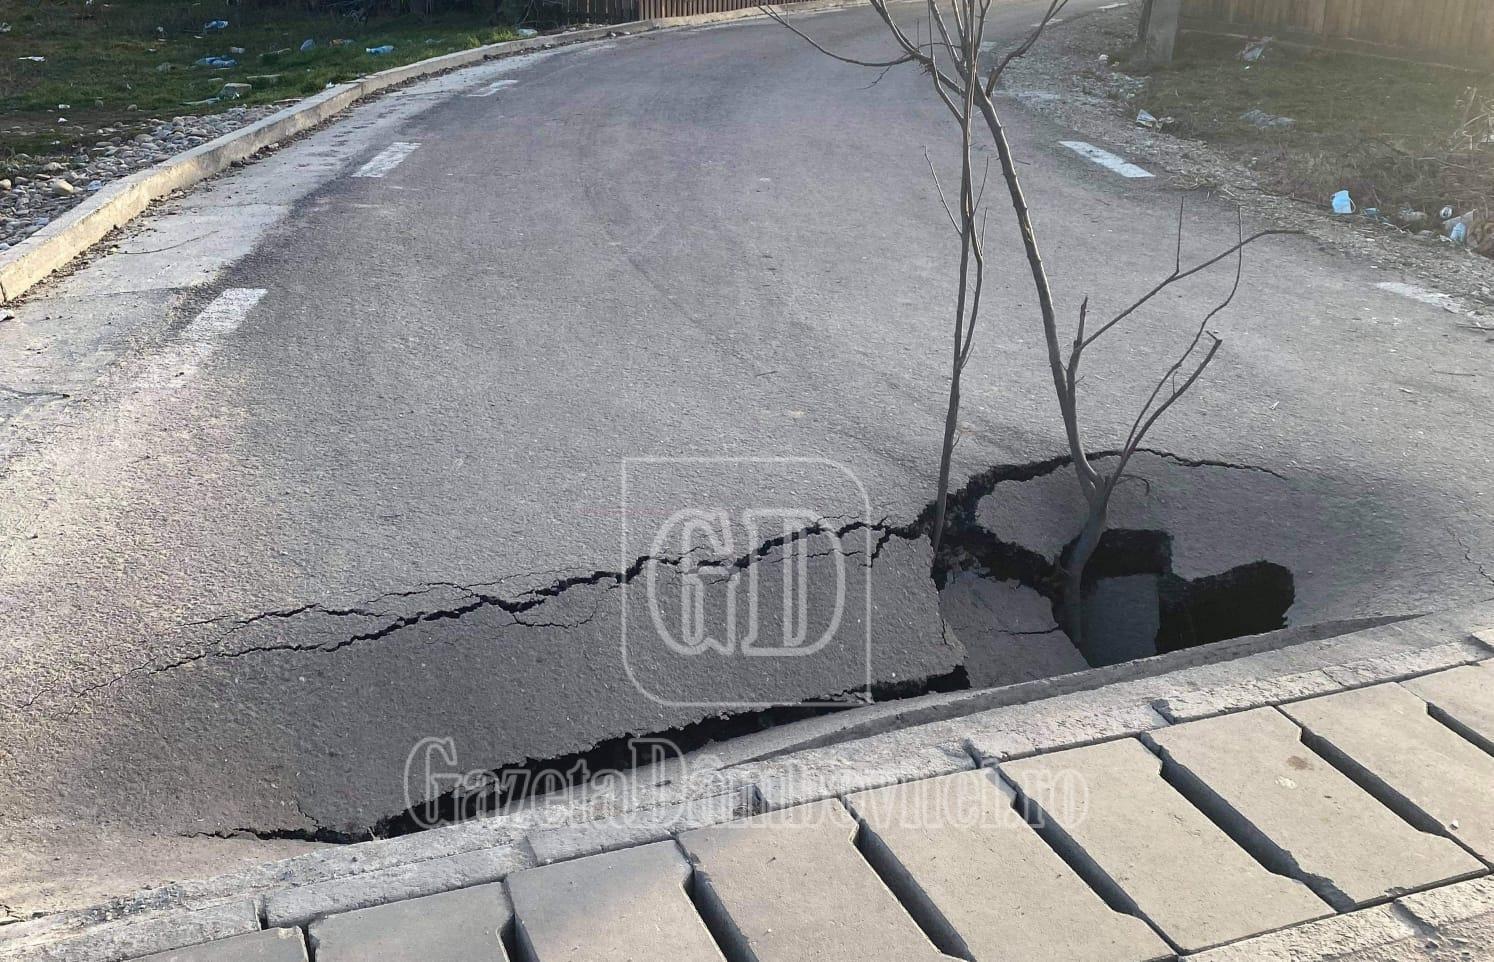 De la cititori – NICULEȘTI: Un drum s-a surpat la câteva luni de la asfaltarea lui